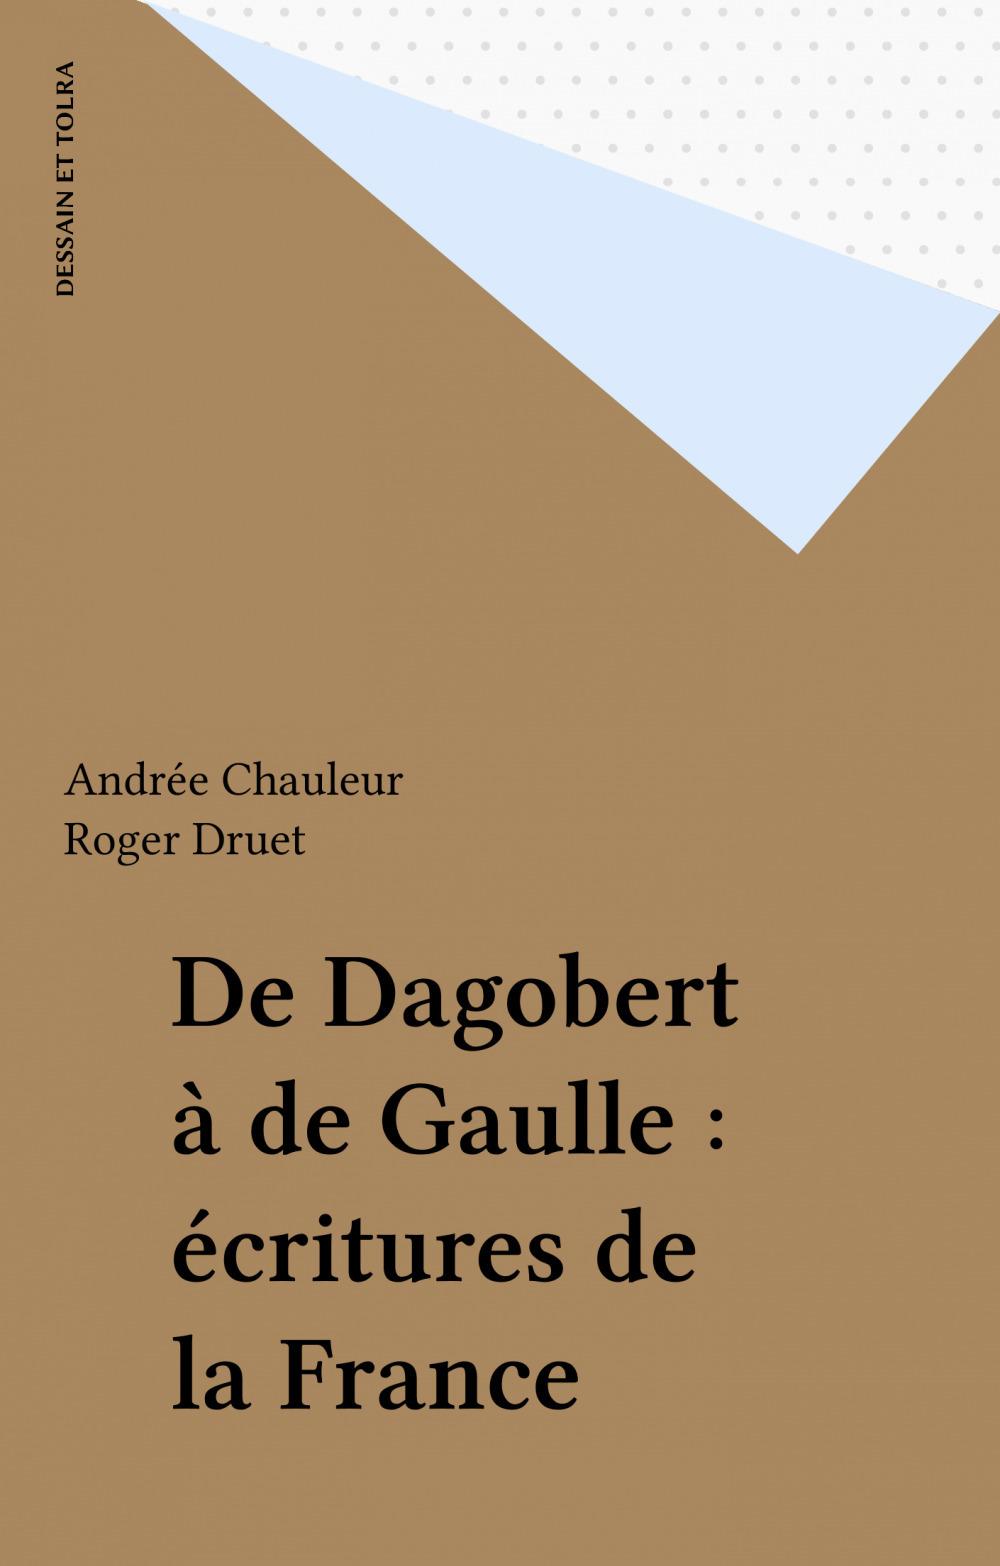 De Dagobert à de Gaulle : écritures de la France